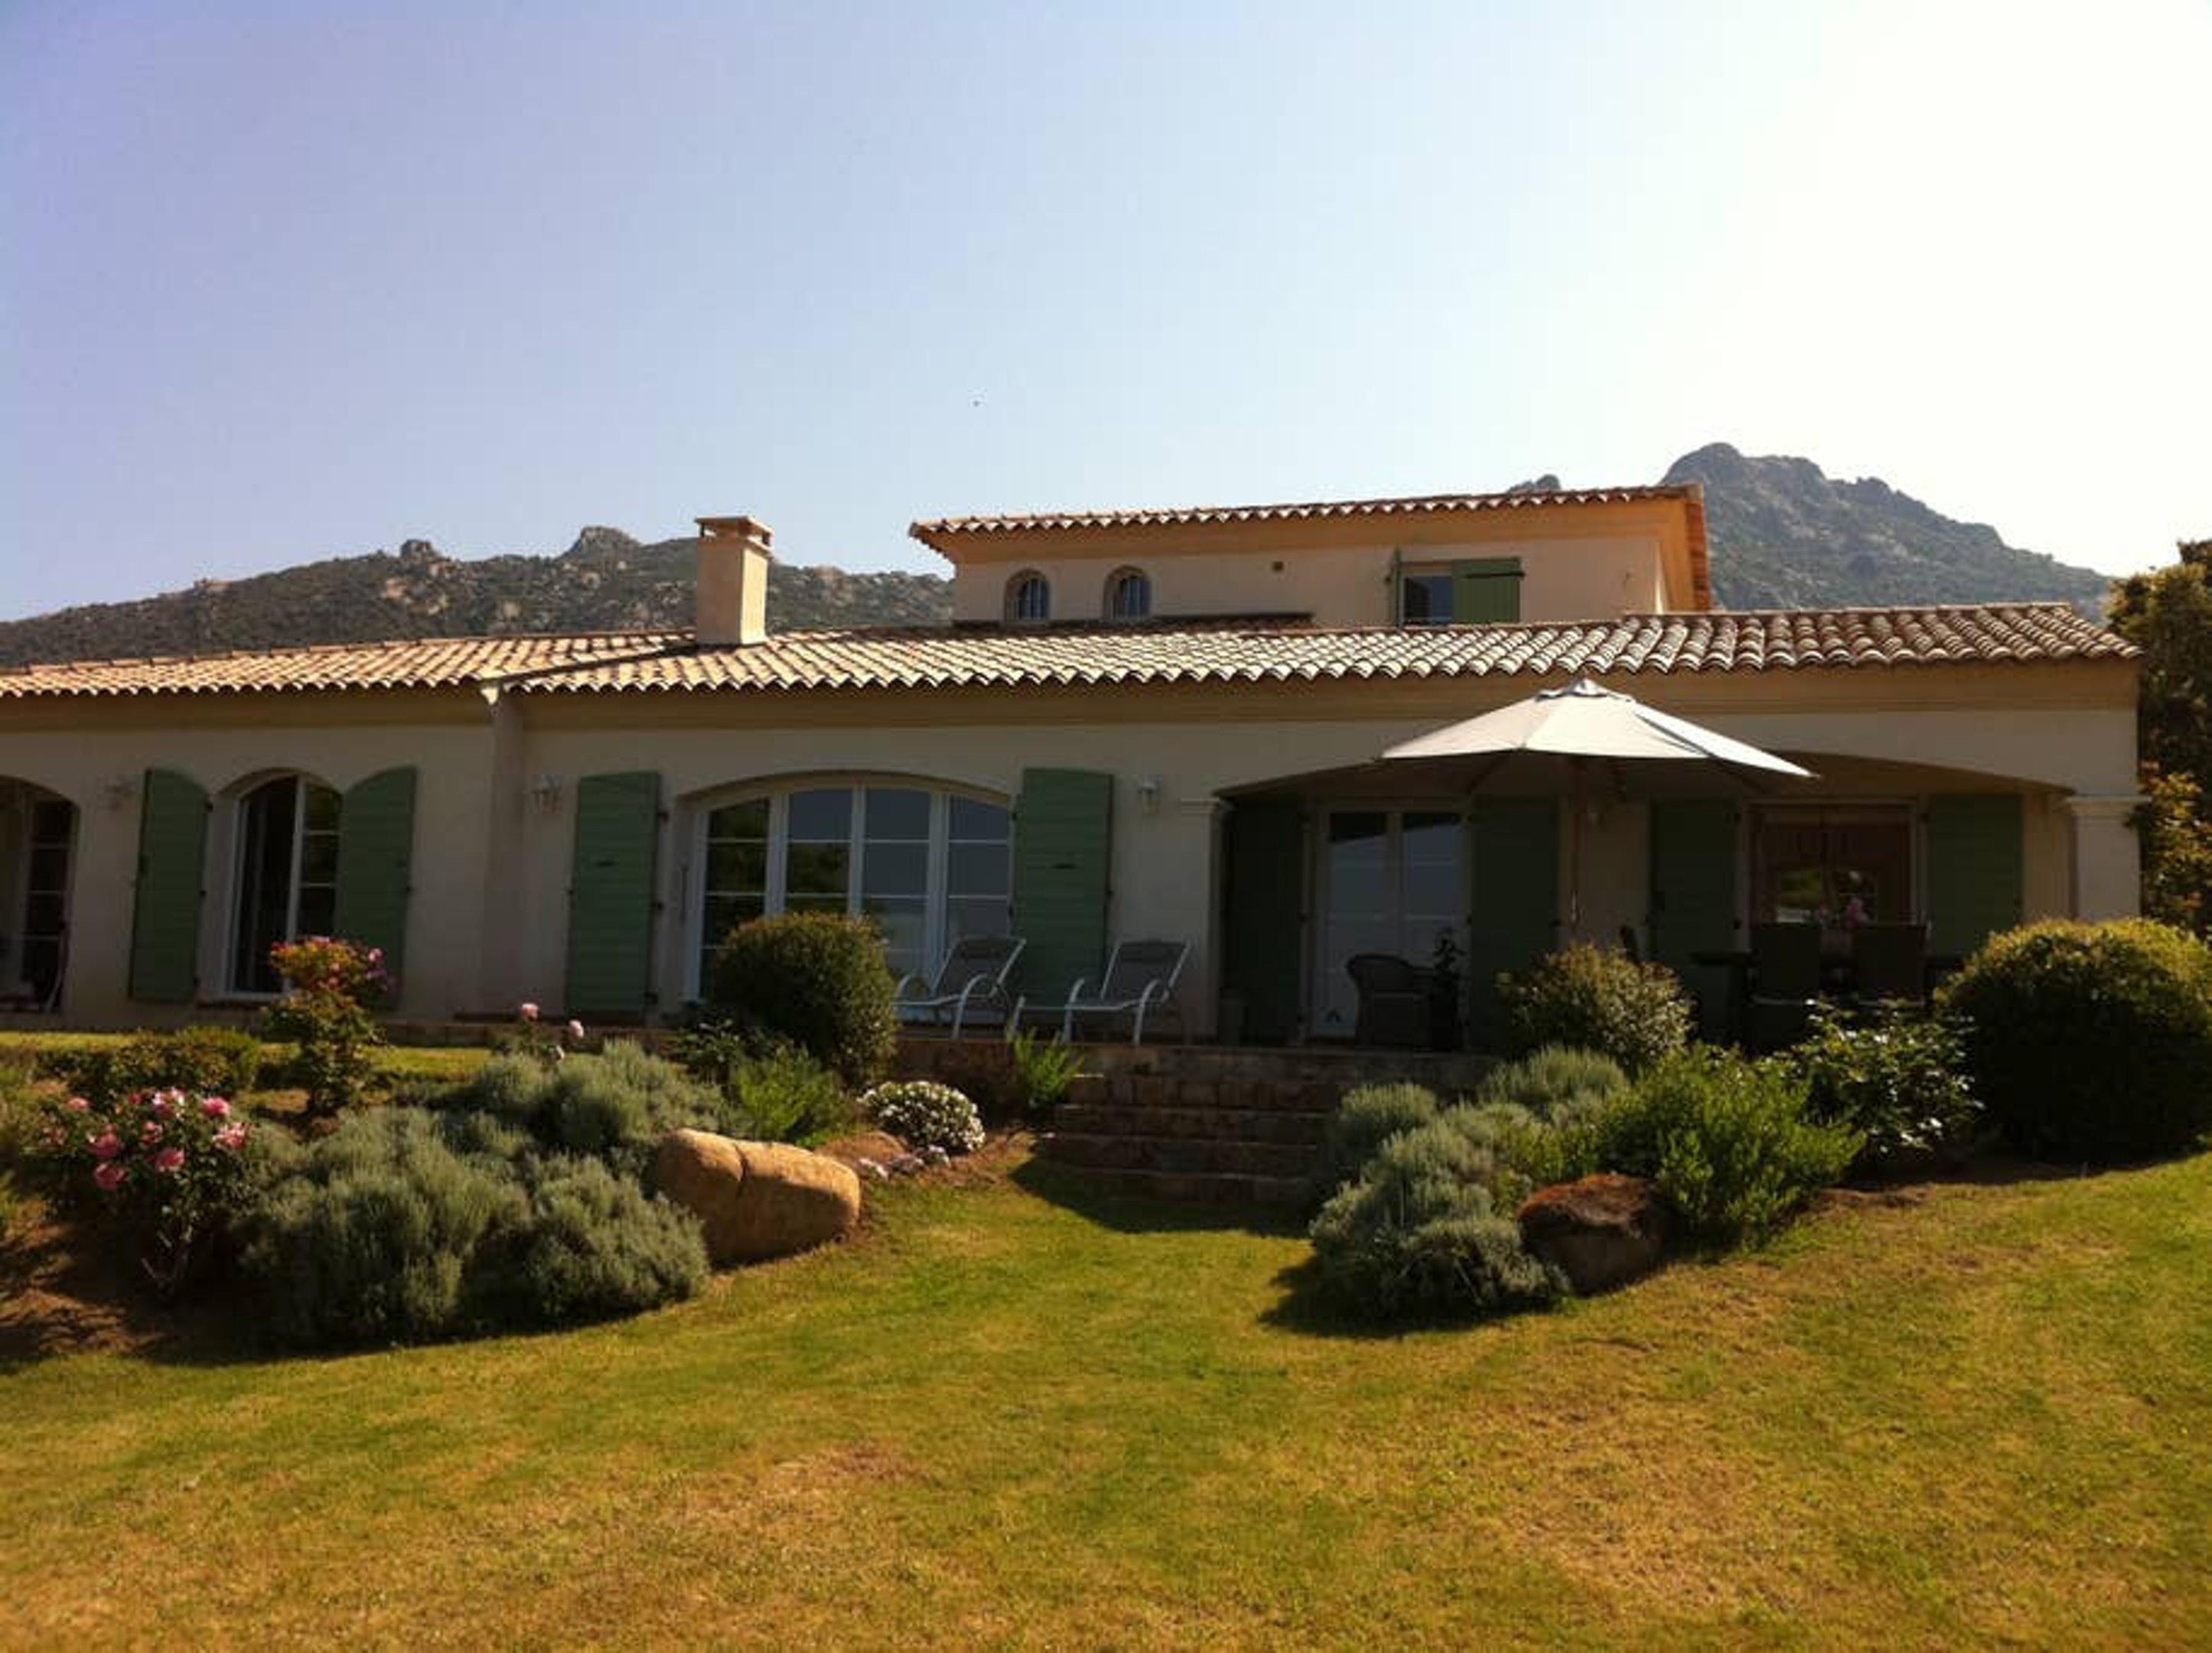 Ferienhaus Villa mit 4 Schlafzimmern in Lumio mit herrlichem Meerblick, privatem Pool, möbliertem Gar (2632533), Lumio, Nordkorsika, Korsika, Frankreich, Bild 14